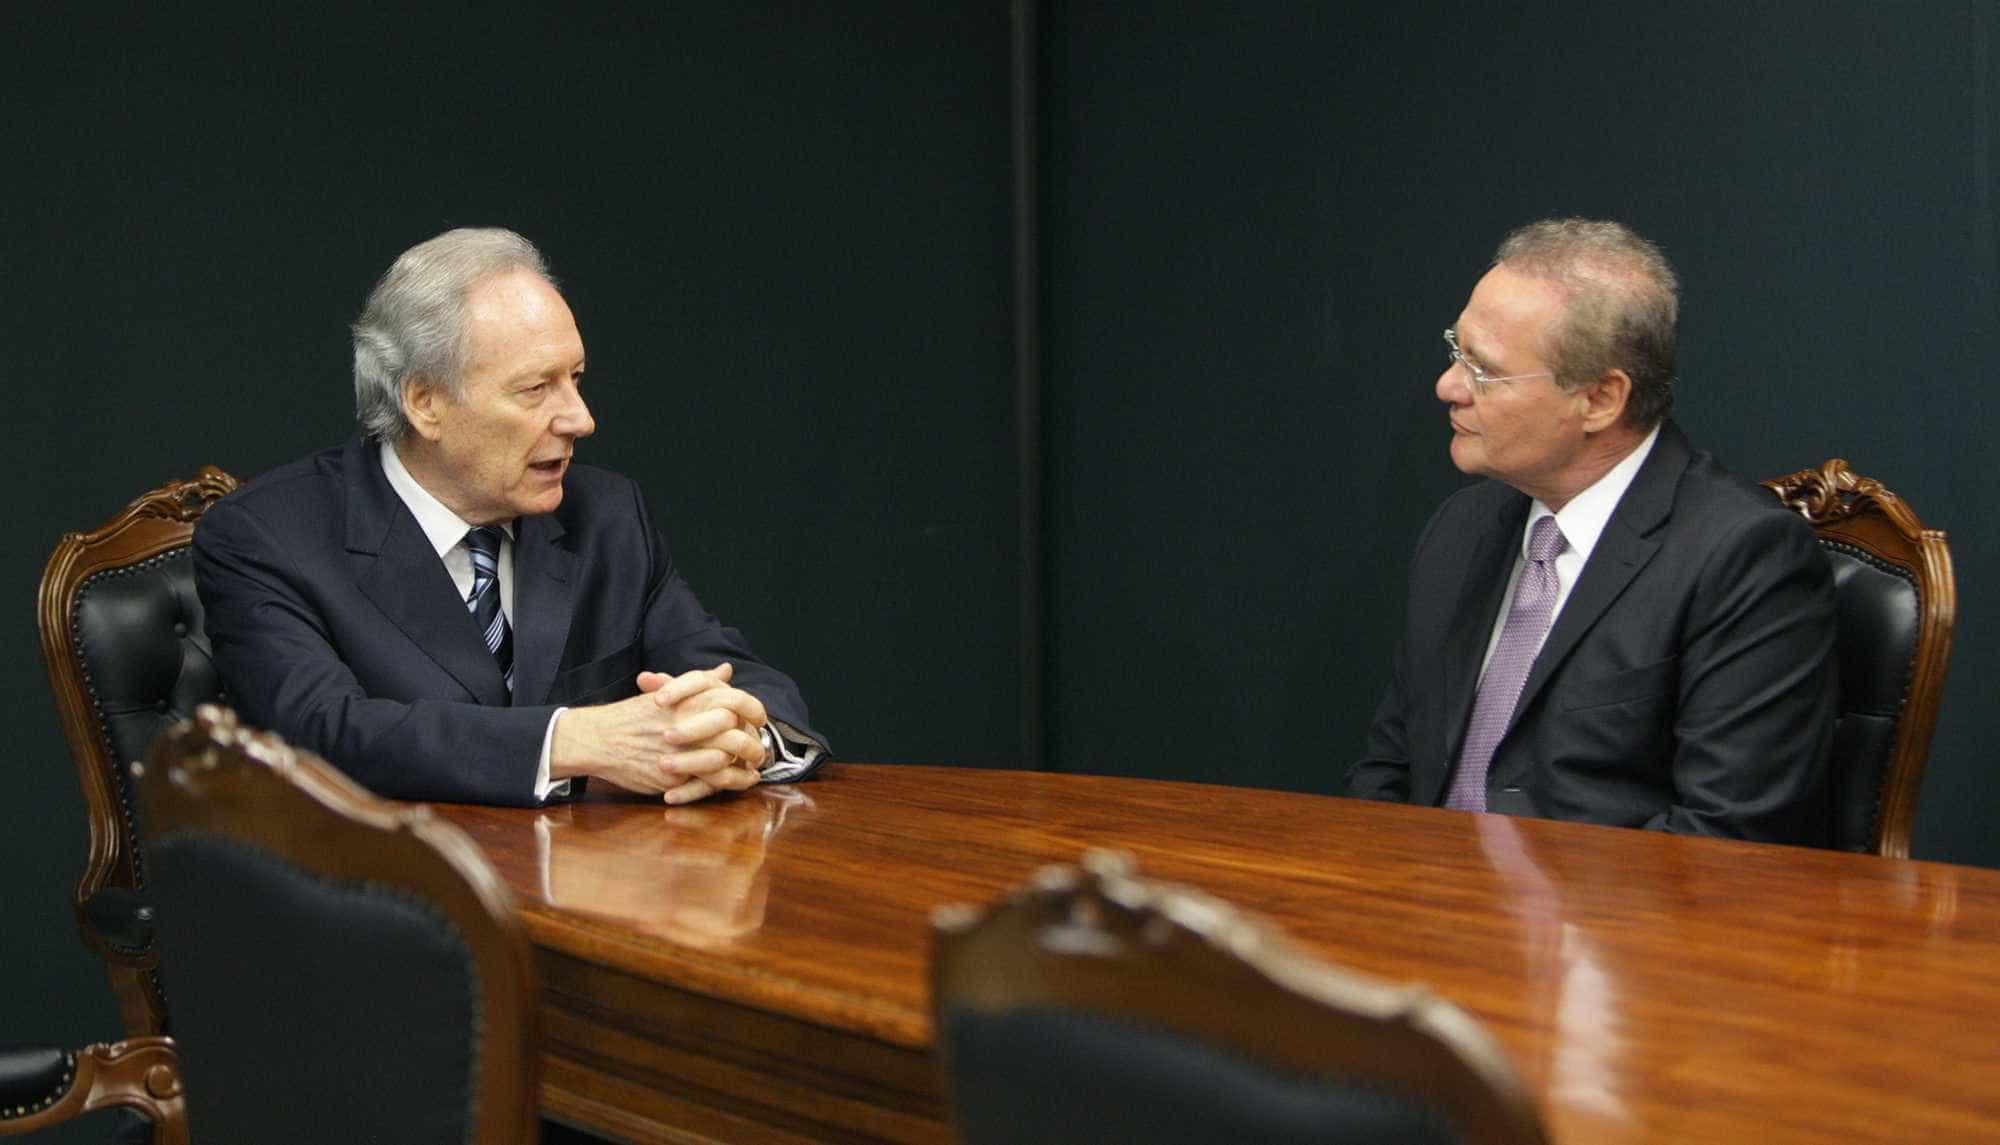 STF e Senado definem roteiro para análise de impeachment de Dilma